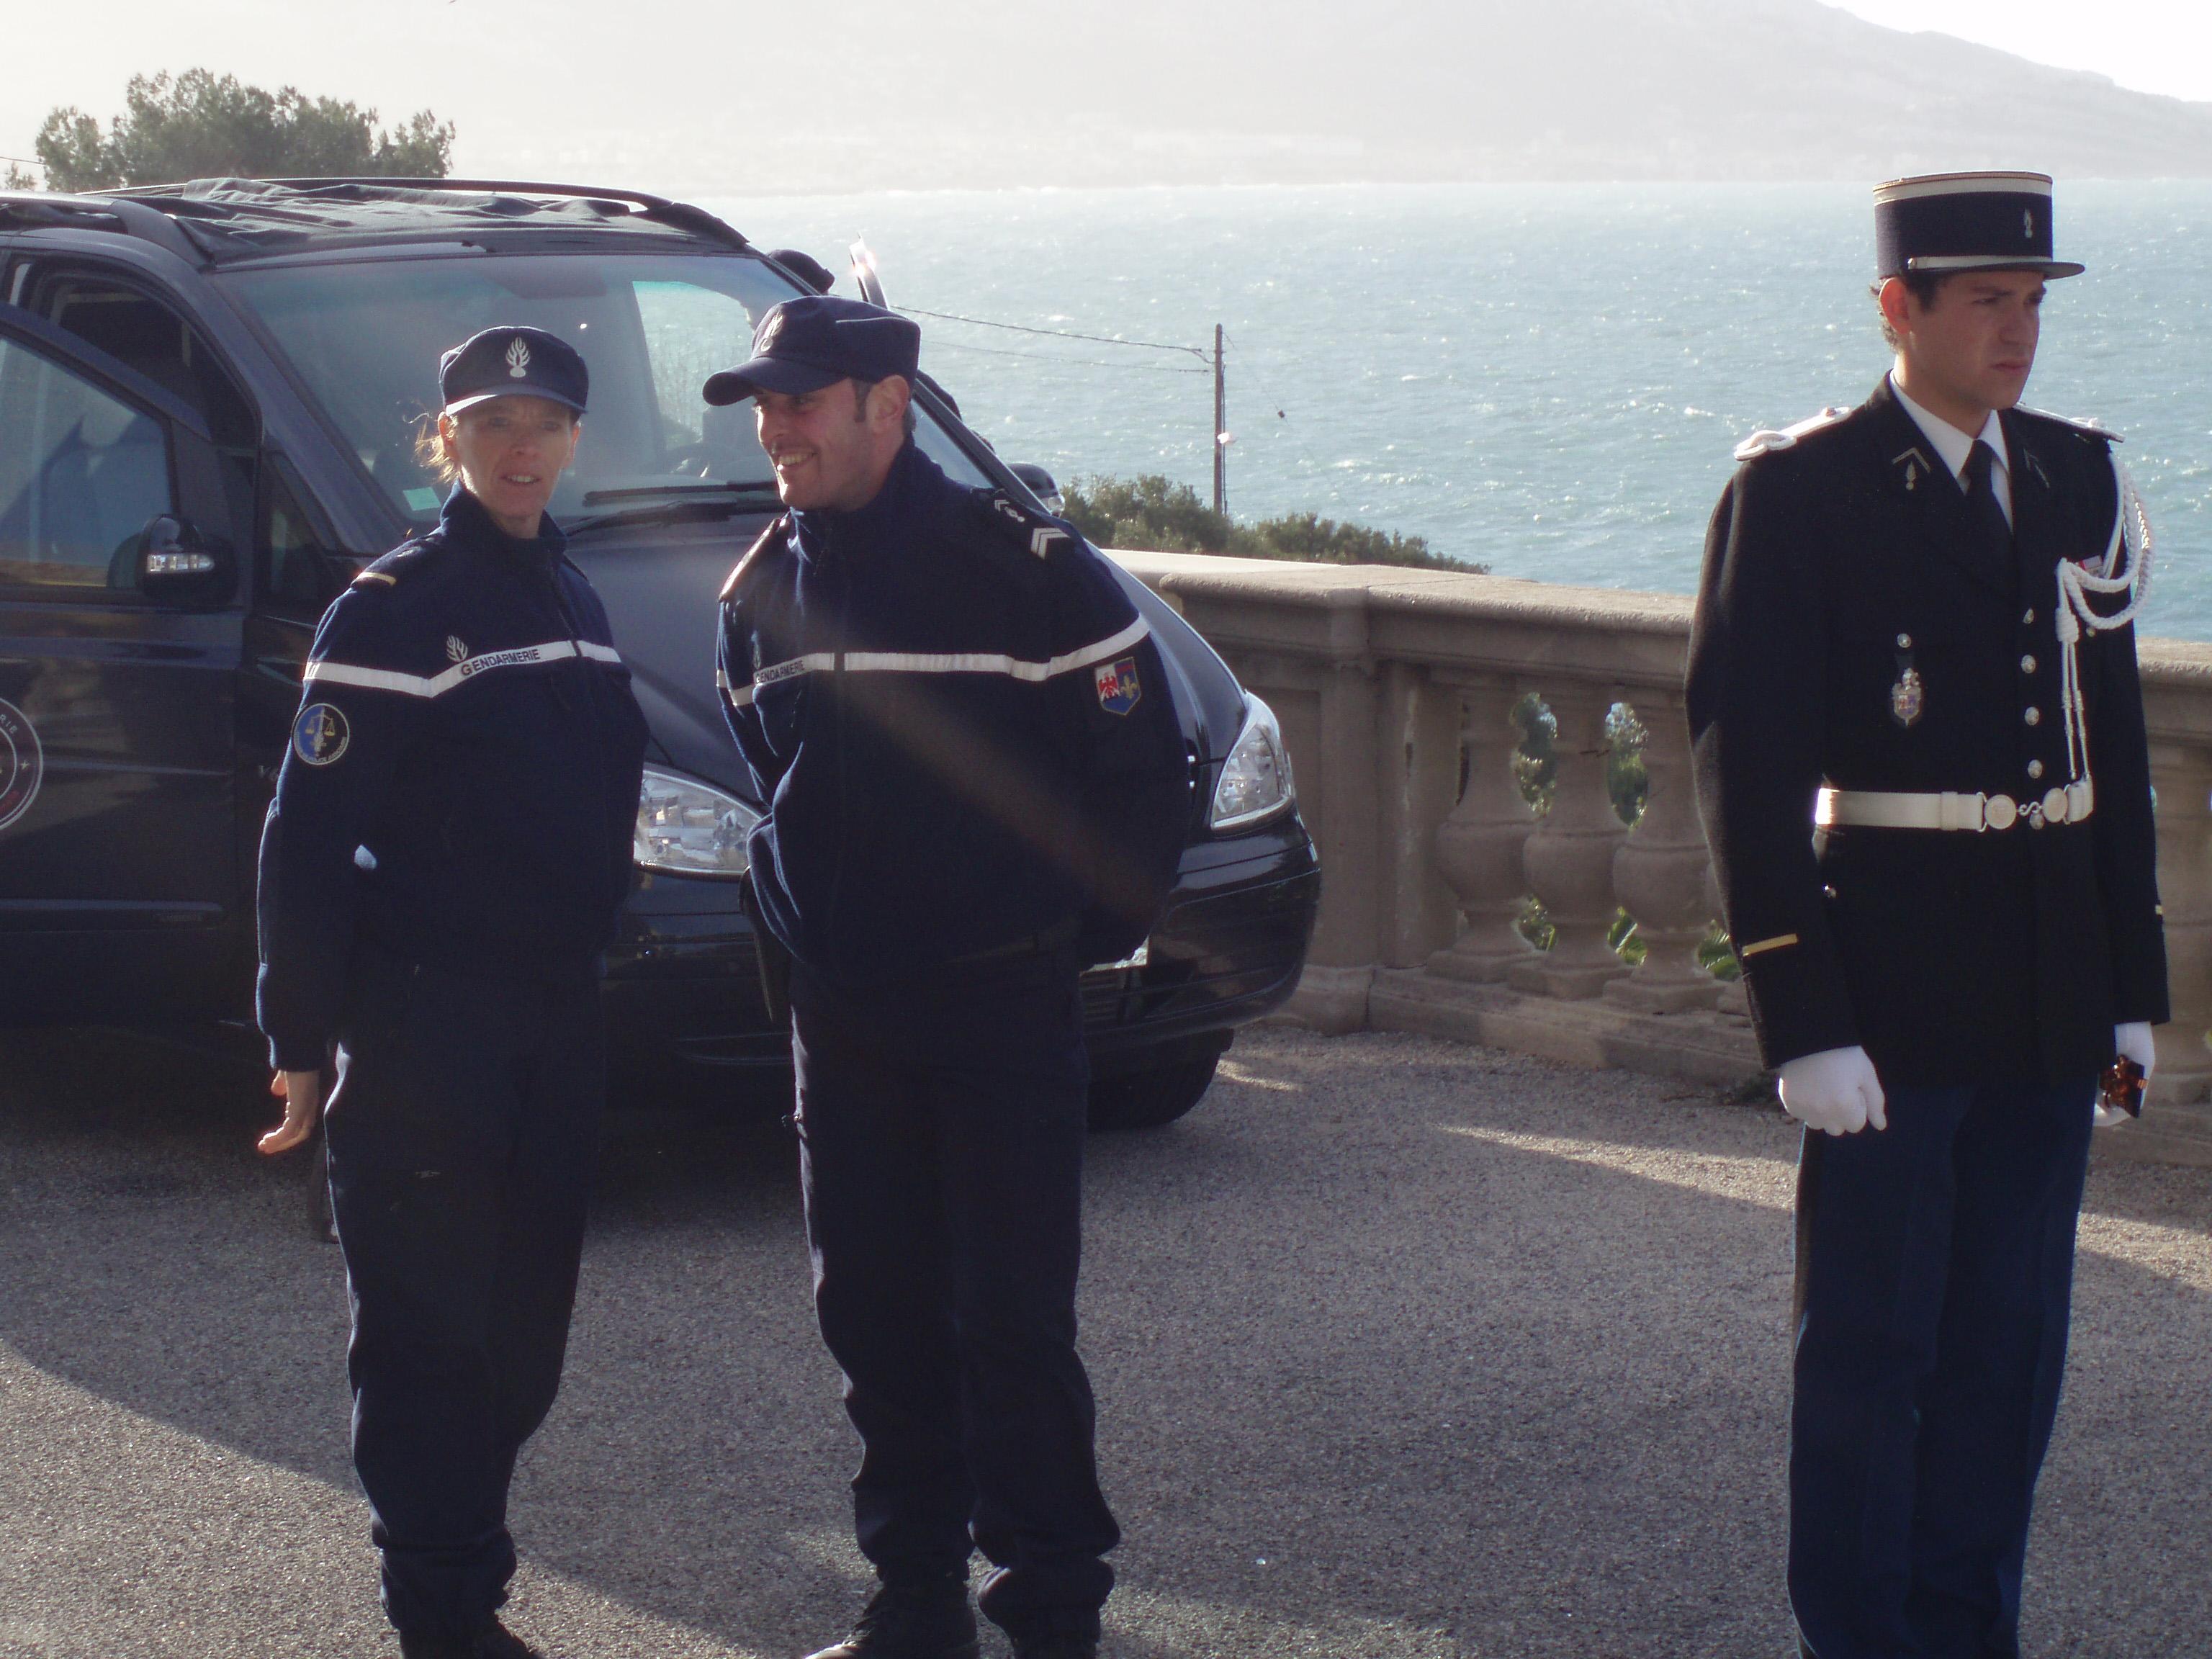 Des gendarmes de choc sur